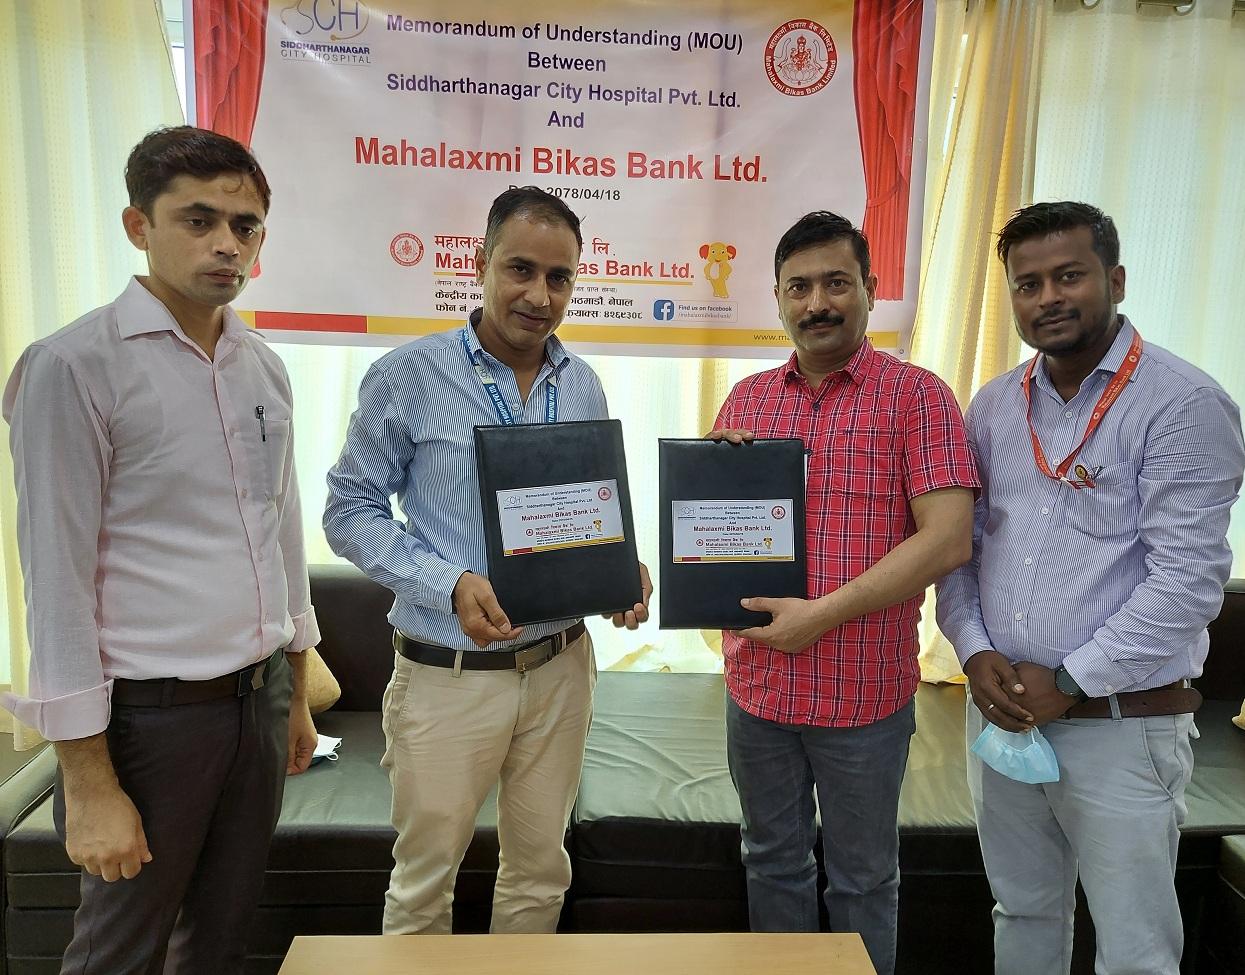 महालक्ष्मी विकास बैंक र सिद्धार्थनगर सिटी अस्पतालबीच सम्झौता